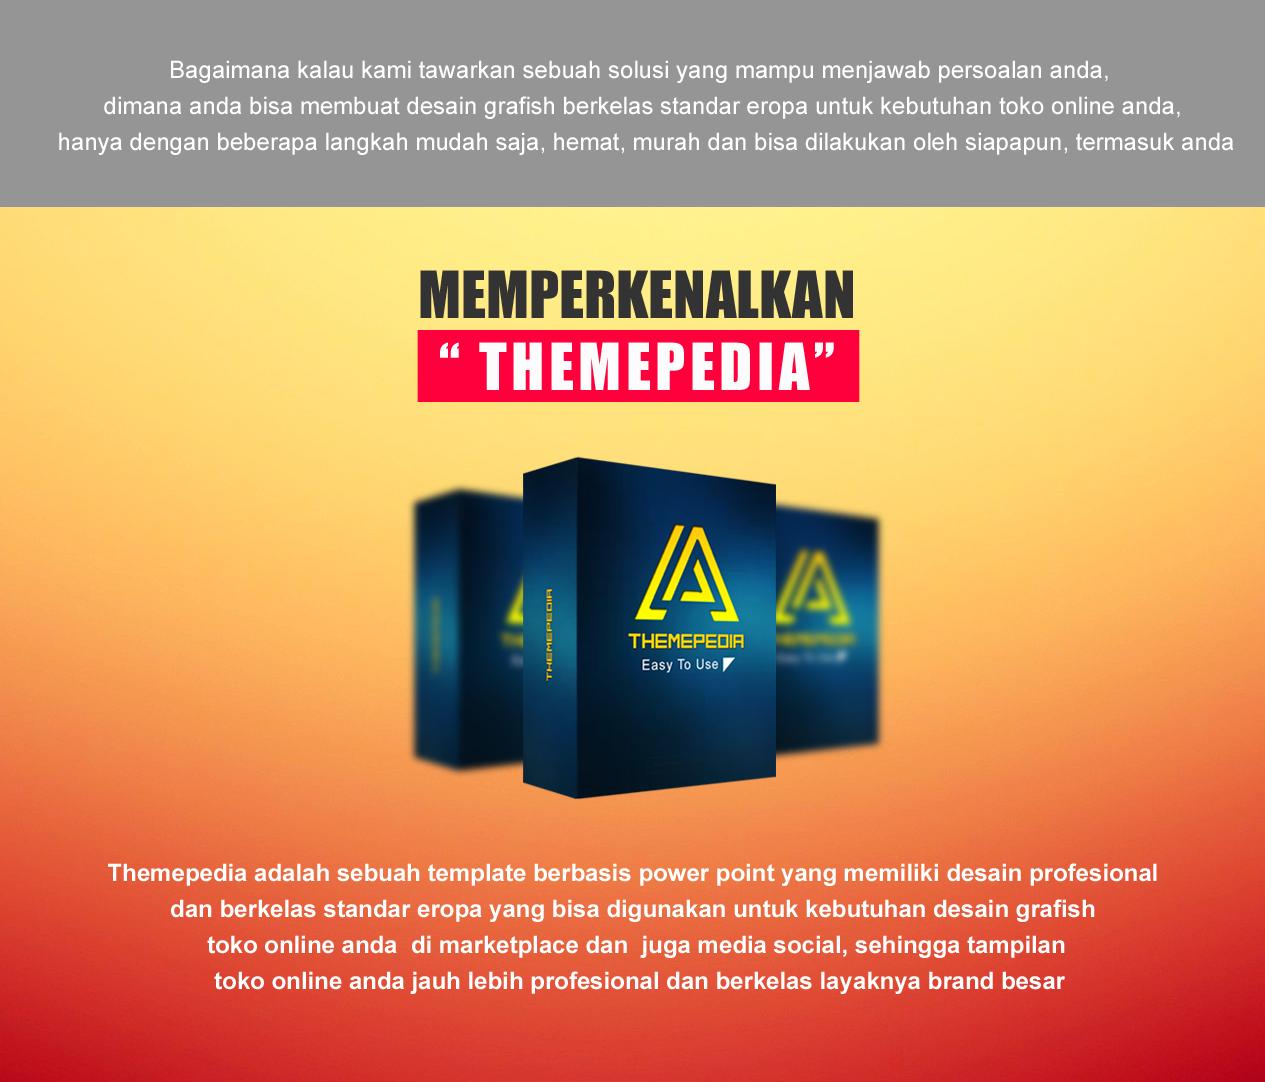 Themepedia 5